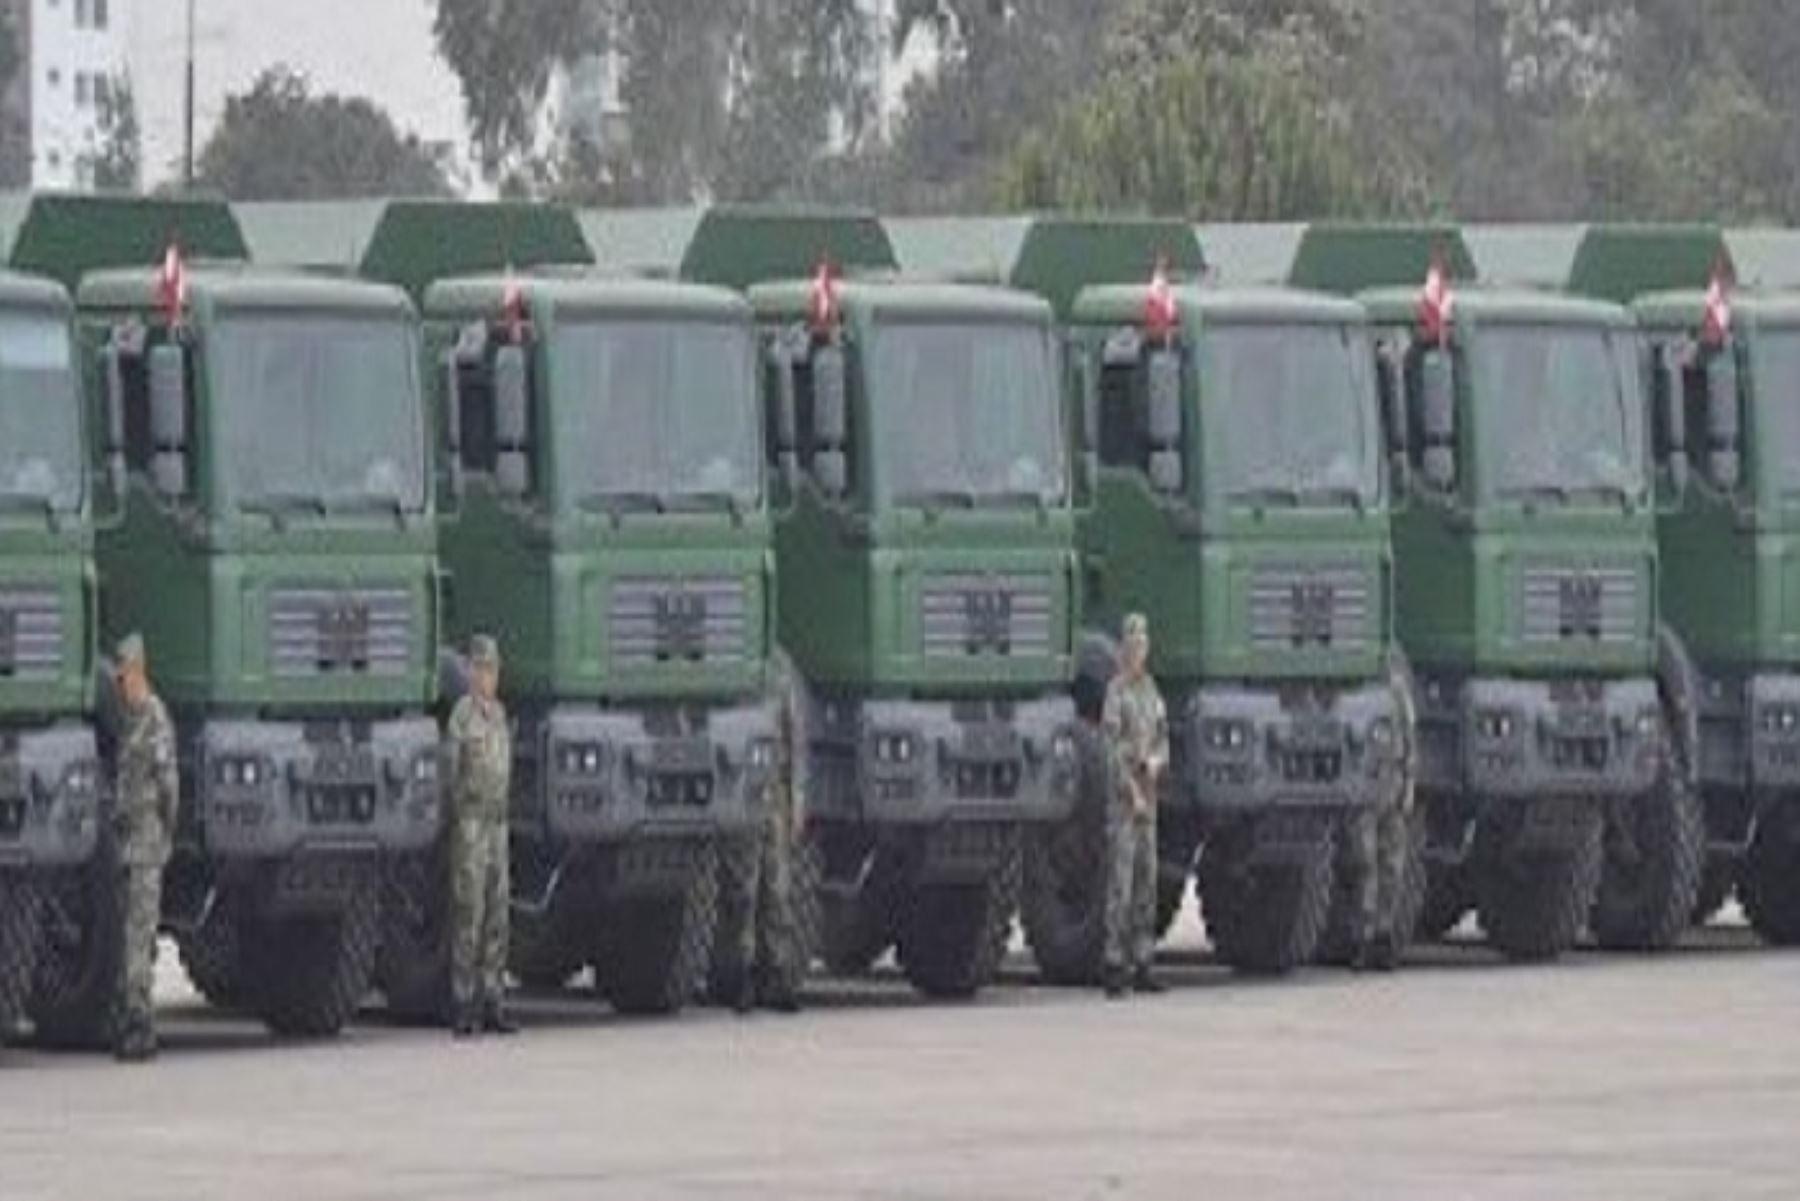 Una nueva flota de vehículos militares MAN del Ejército del Perú se encuentran listos para actuar transportando personal y material de forma inmediata ante la ocurrencia de desastres naturales que puedan presentarse en la región Amazonas y parte de Cajamarca, informó dicha institución.